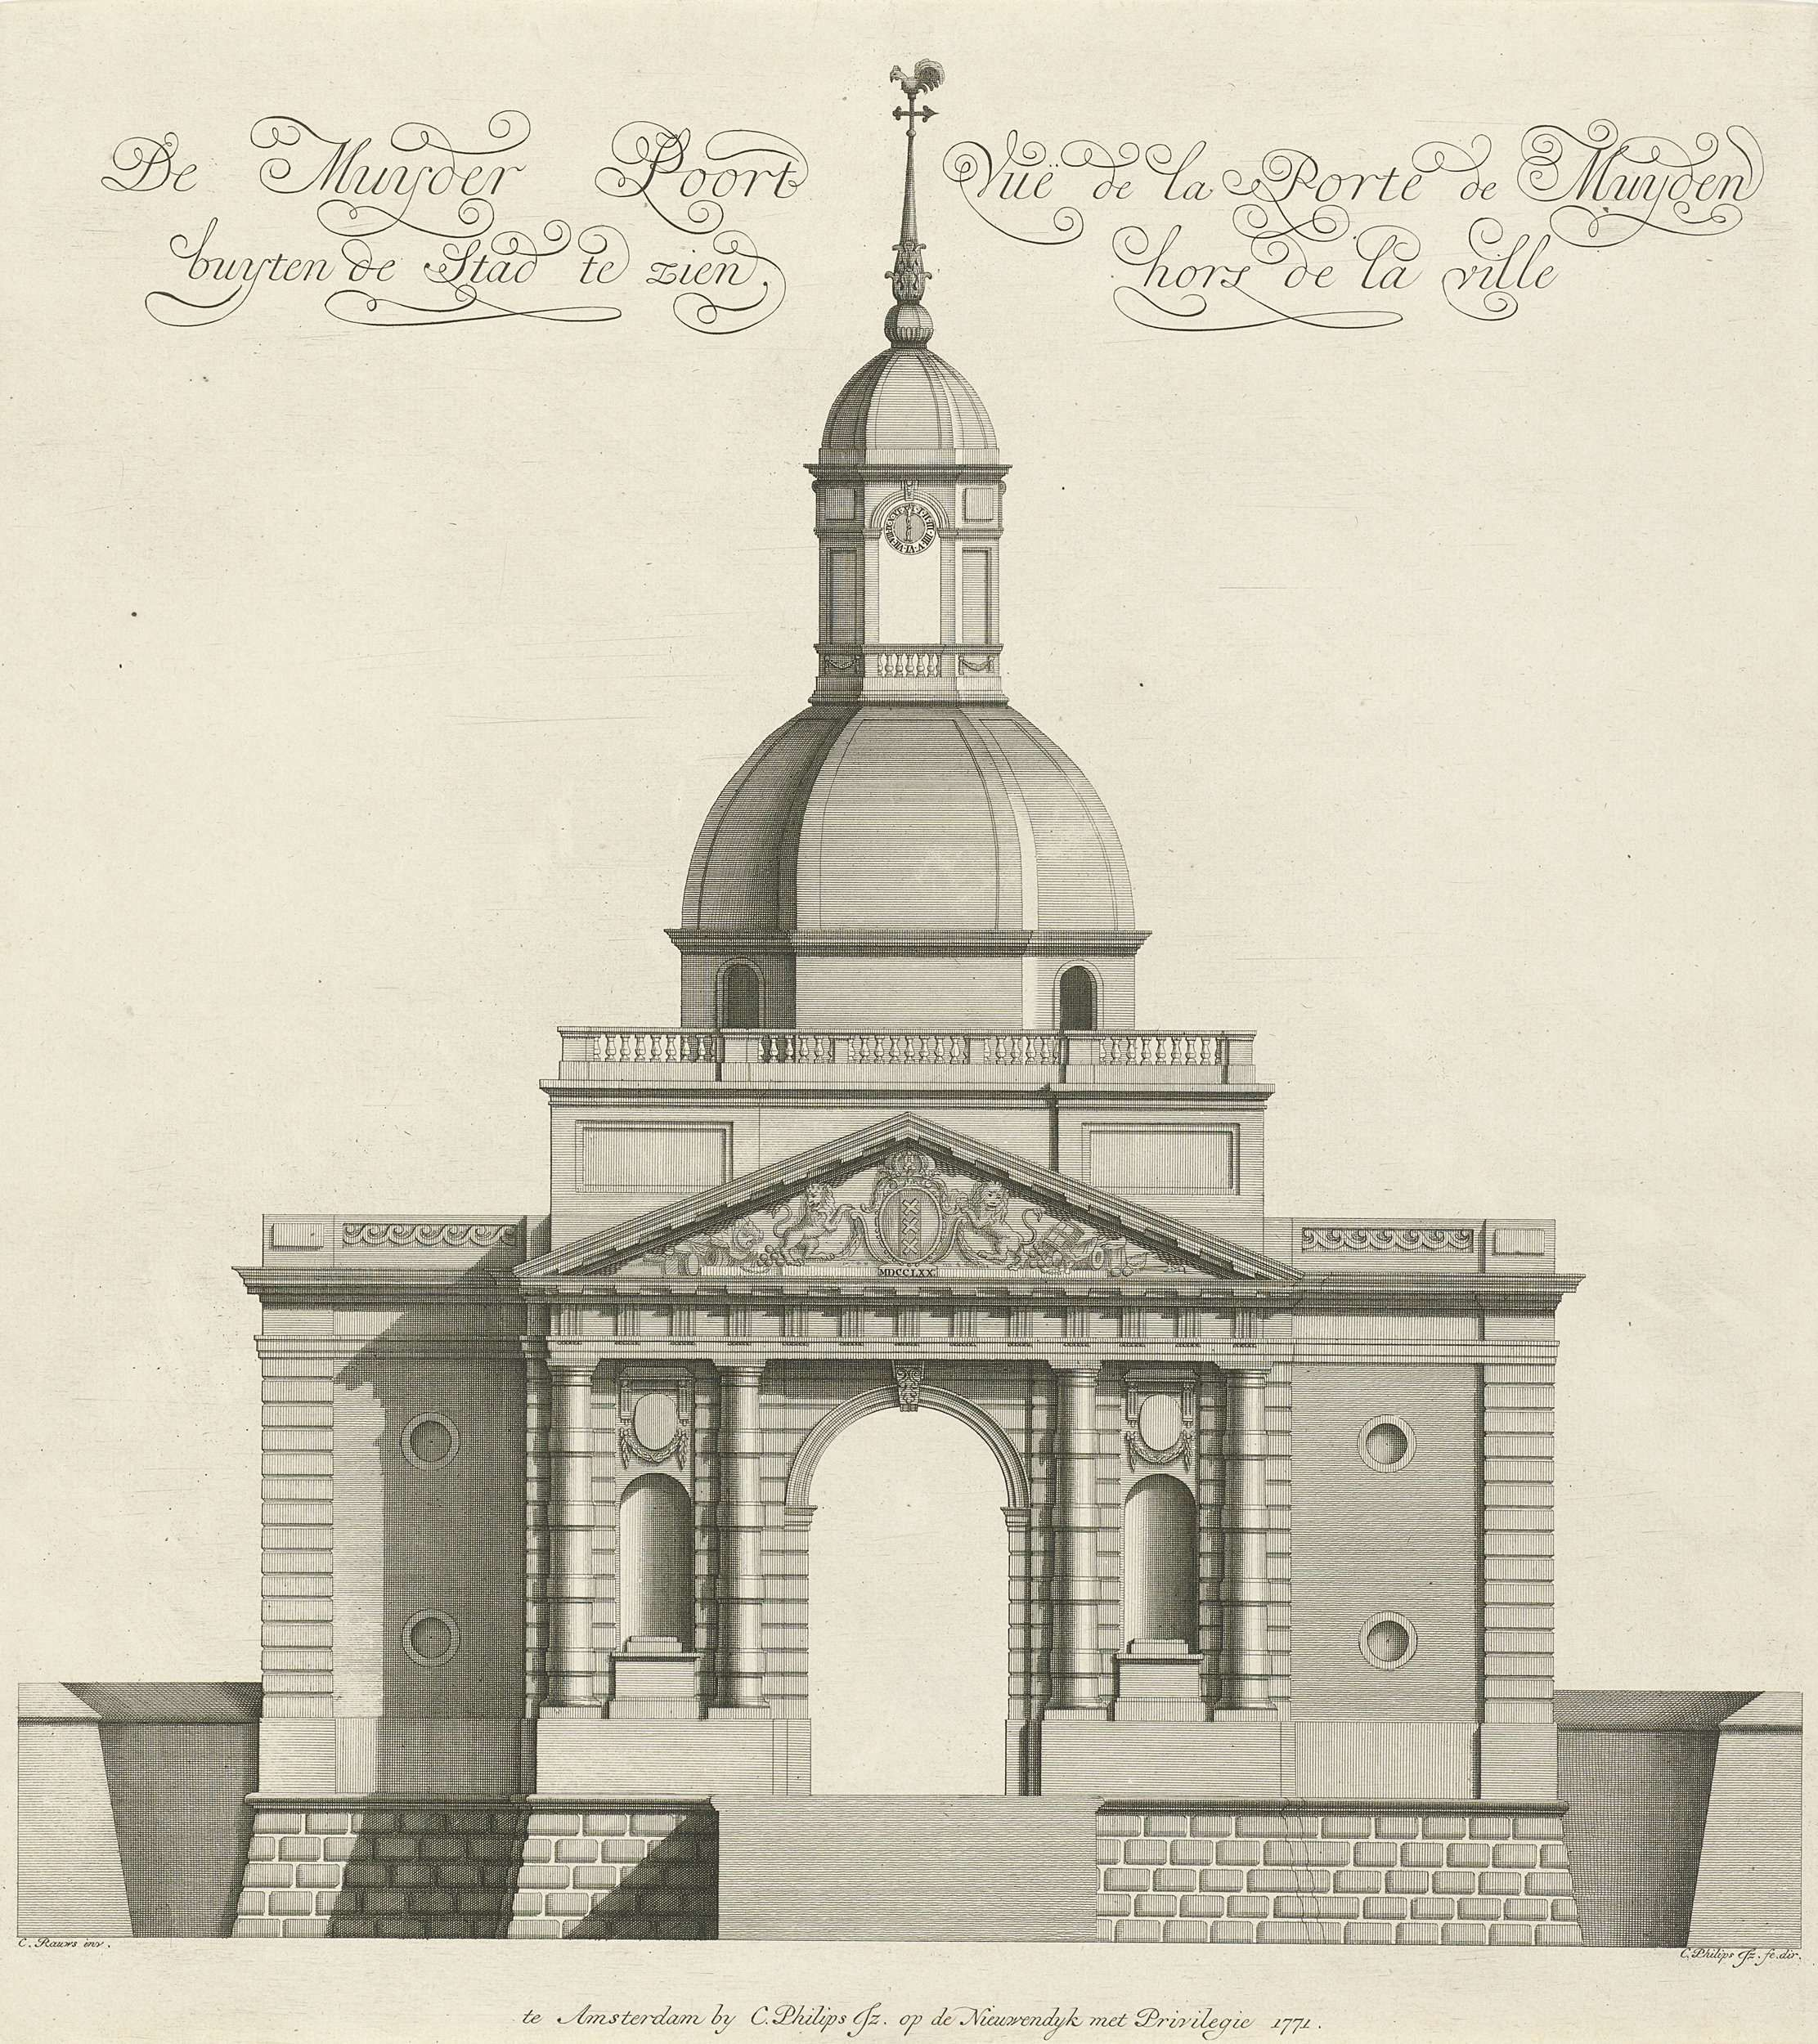 Caspar Jacobsz. Philips | Muiderpoort gezien van buiten de stad, Caspar Jacobsz. Philips, 1771 |